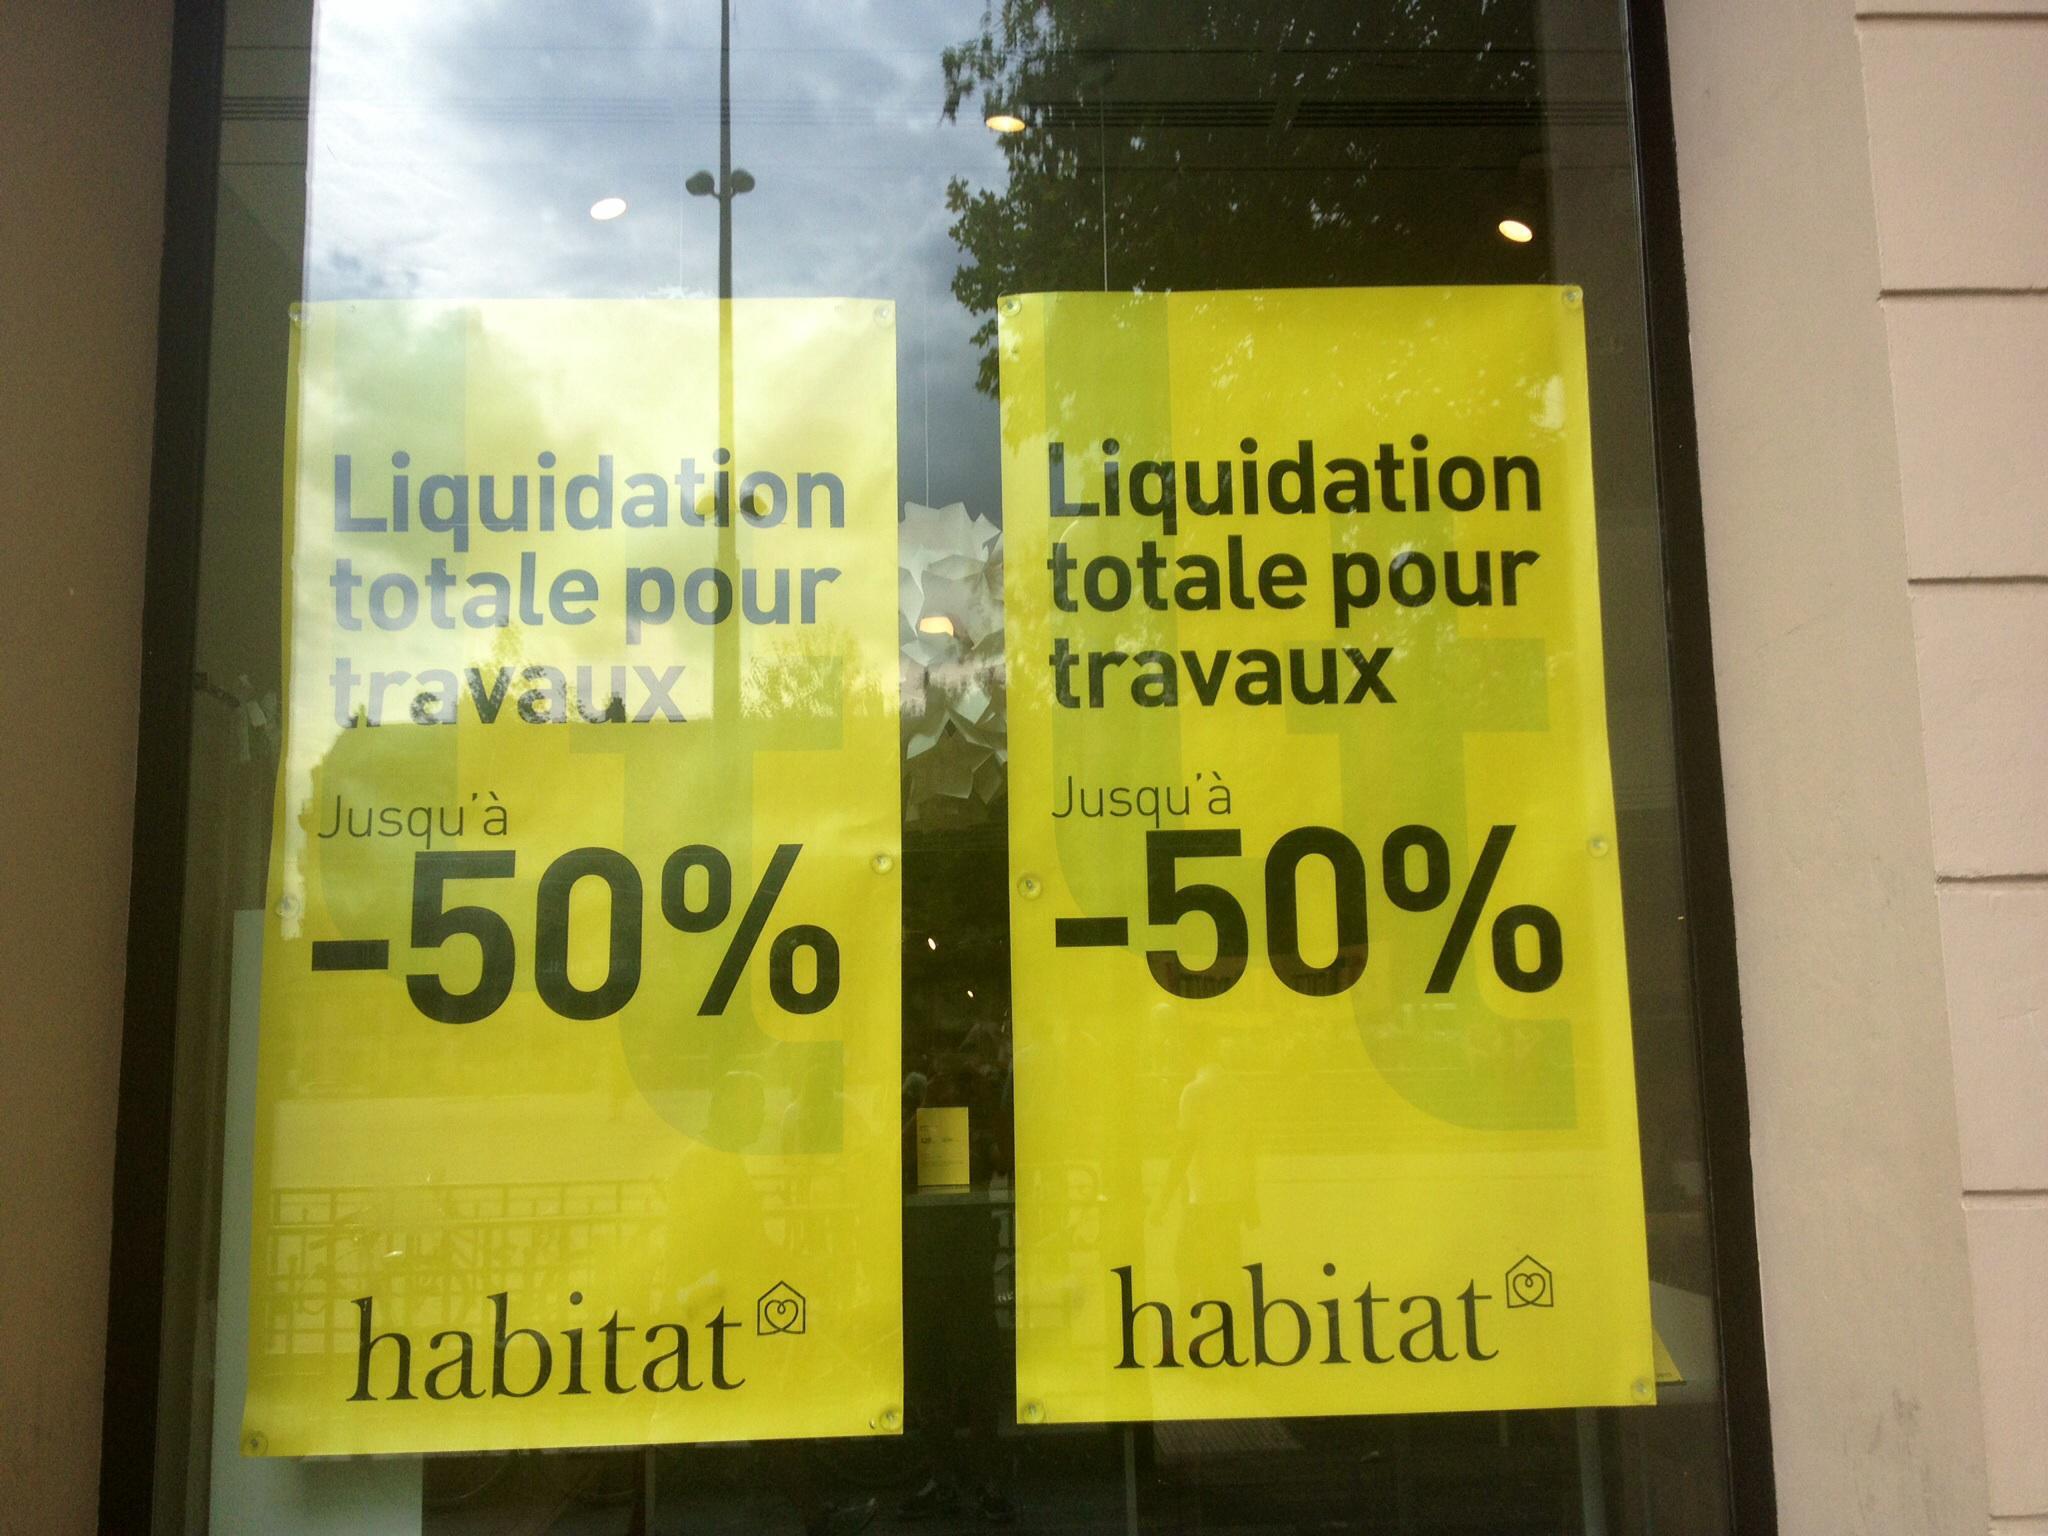 Jusqu'à 50% de réduction sur tous les articles (Liquidation pour travaux)